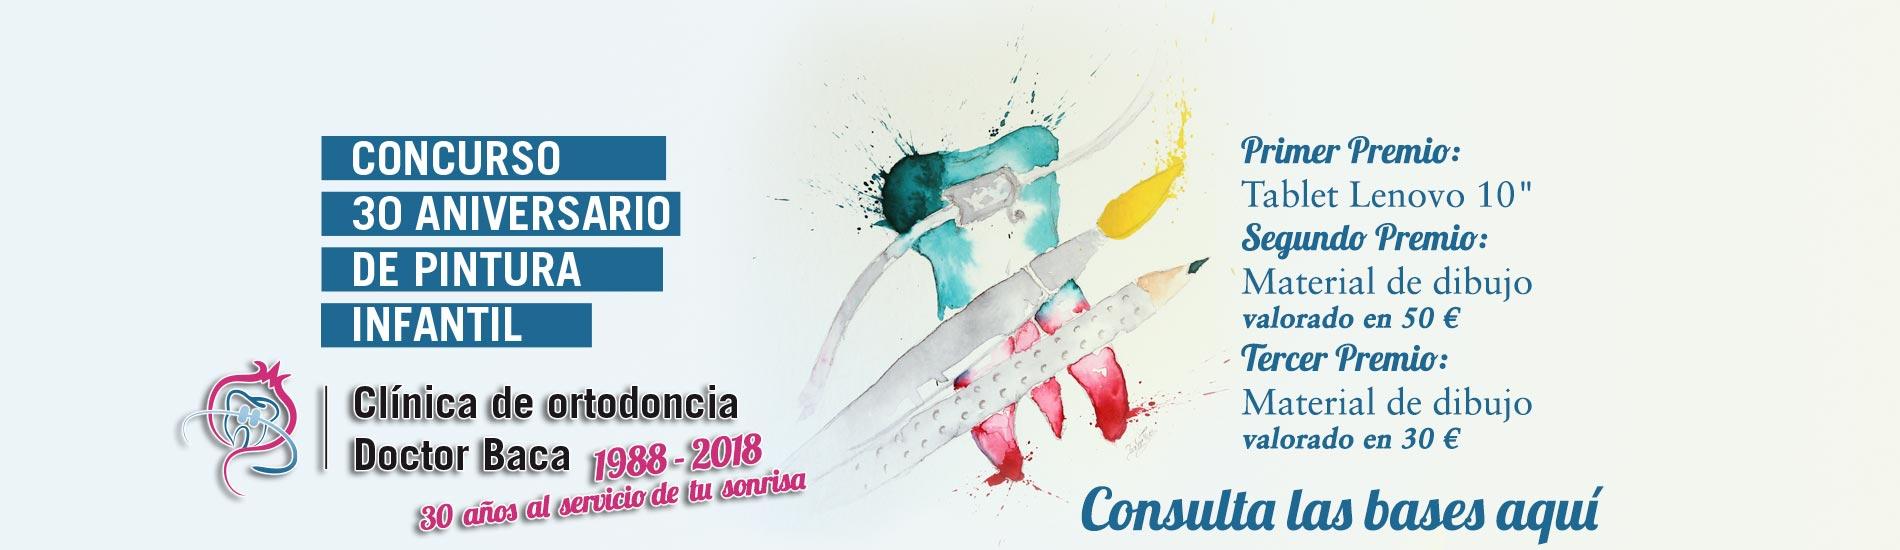 Concurso 30 Aniversario de Pintura Infantil